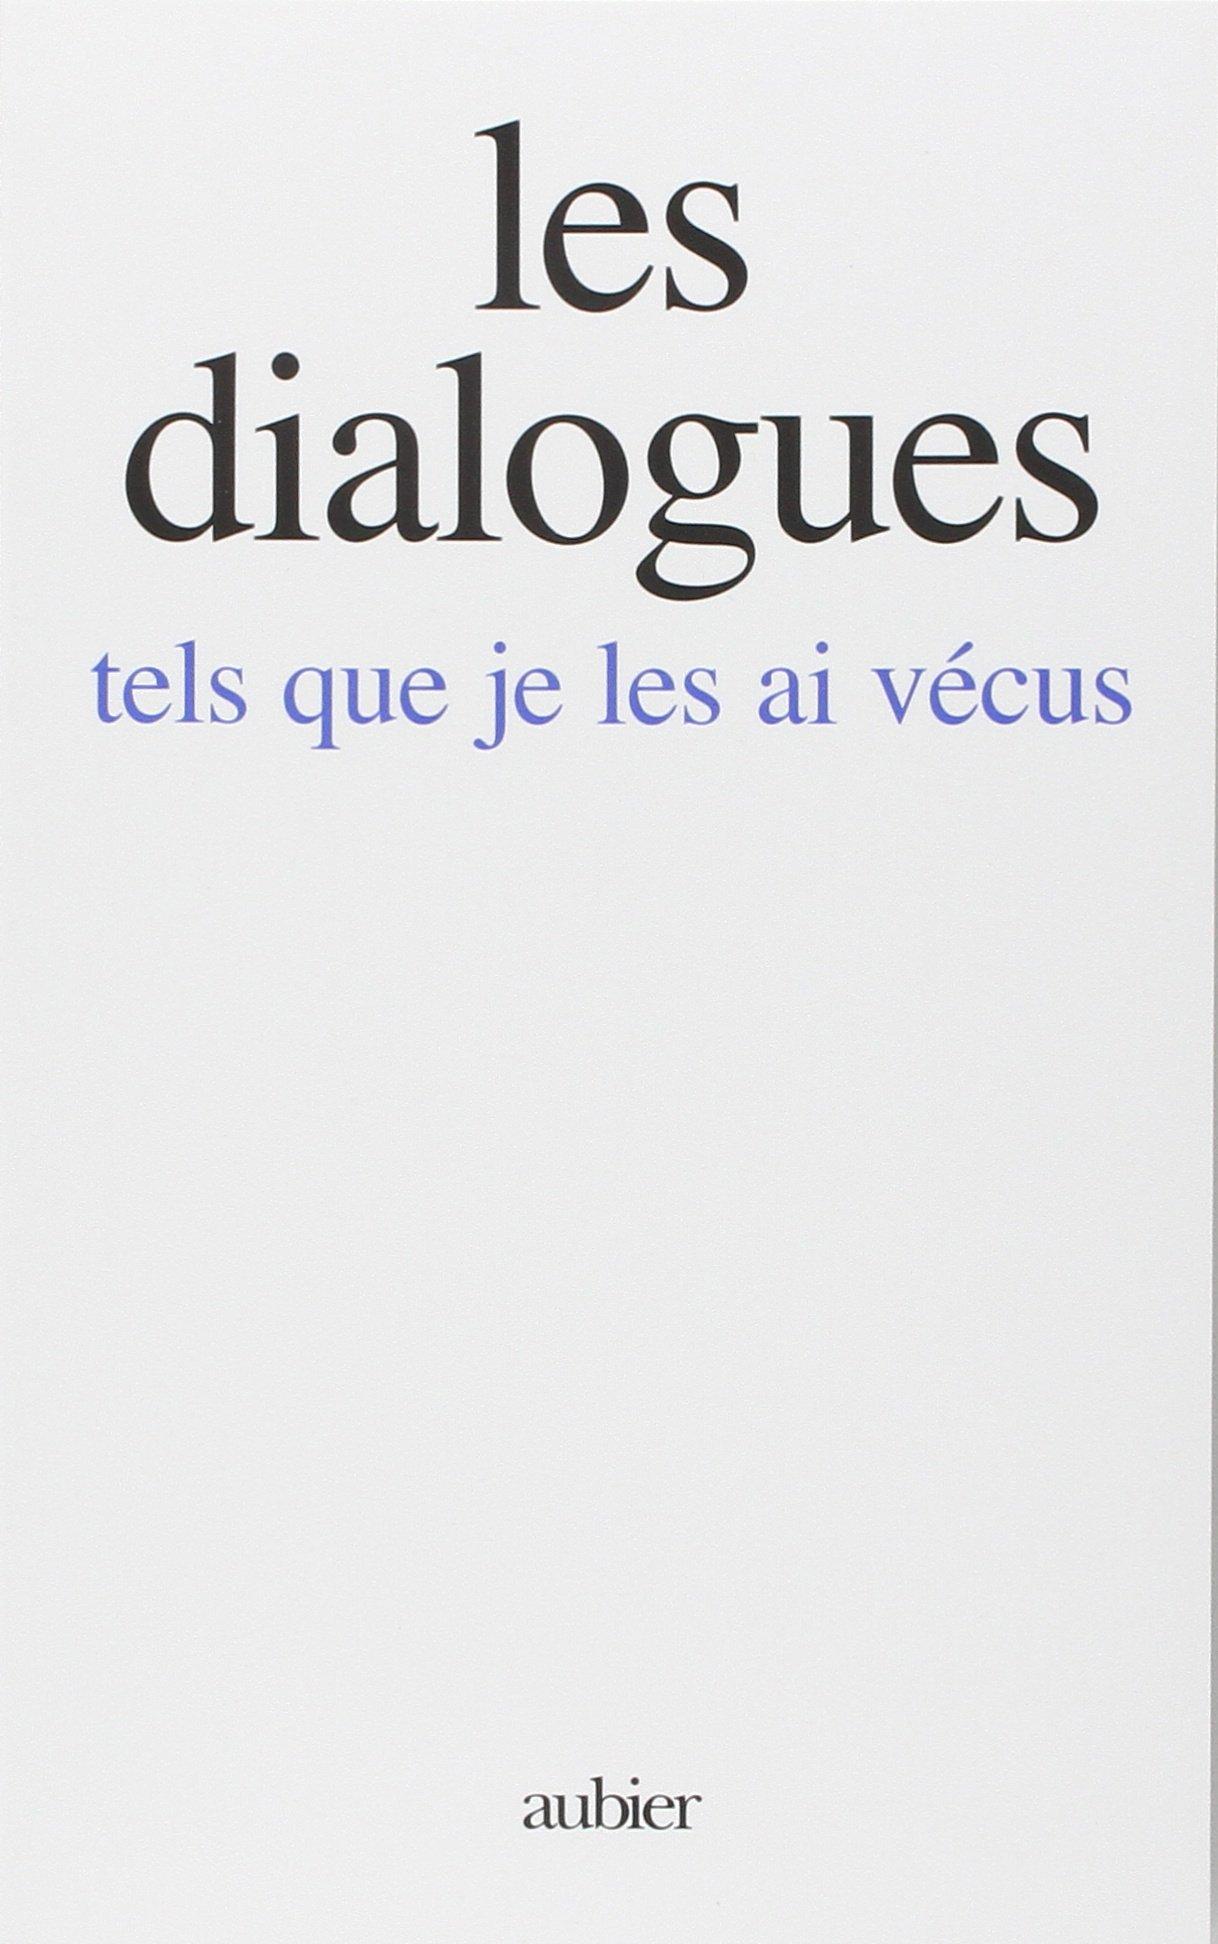 Les dialogues tels que je les ai vécus Broché – 4 janvier 1994 Gitta Mallasz Aubier Montaigne 2700703782 Anges/archanges